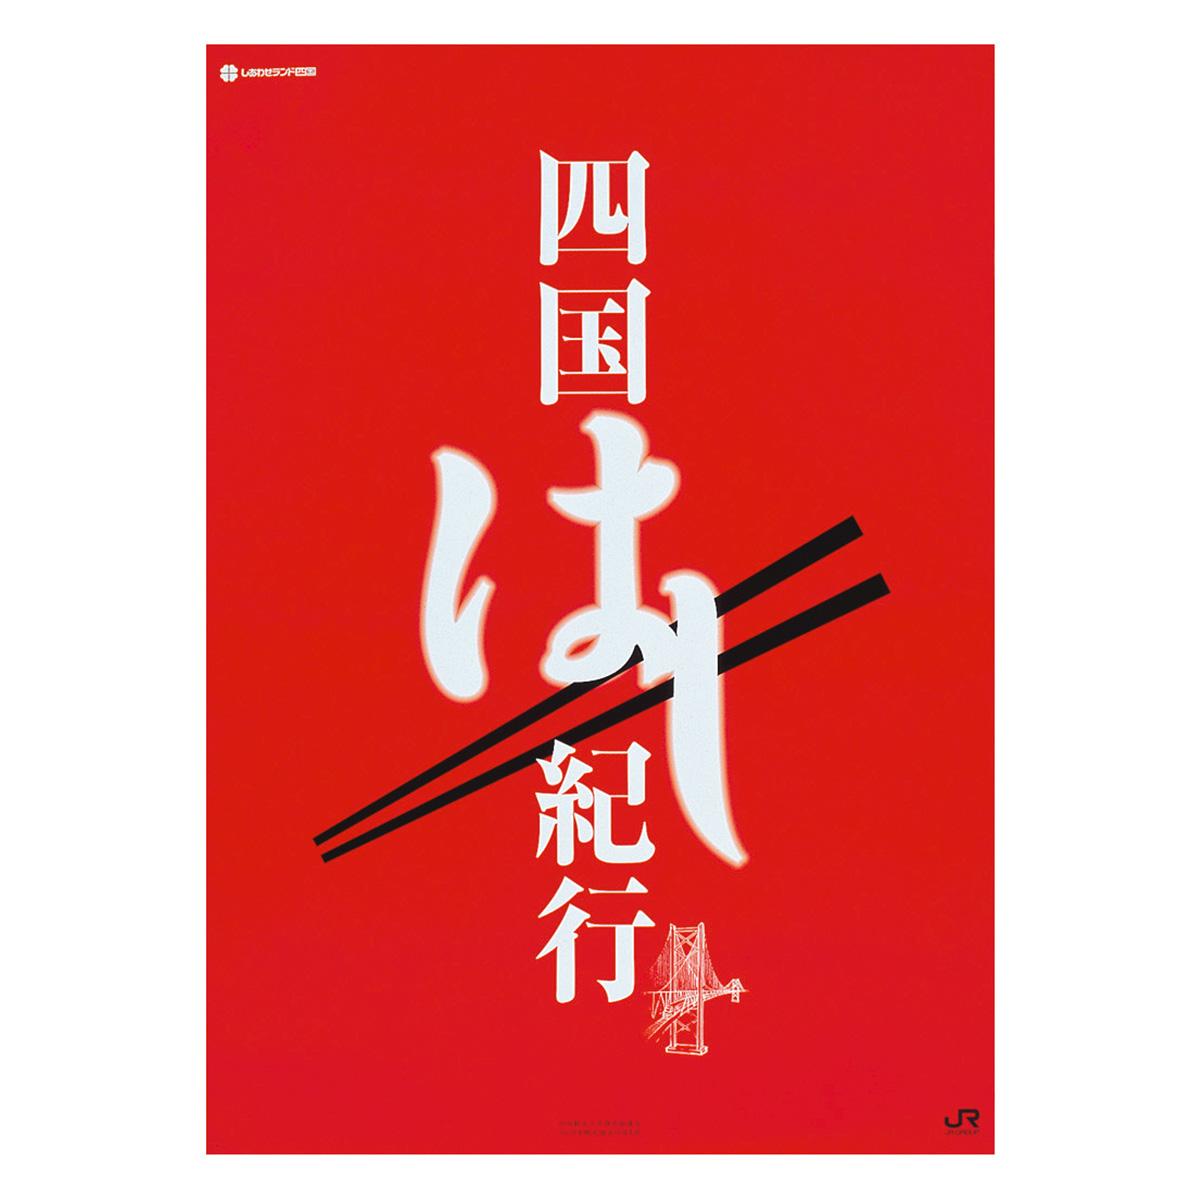 四国観光立県推進協議会 観光誘致ポスター「四国はし紀行」